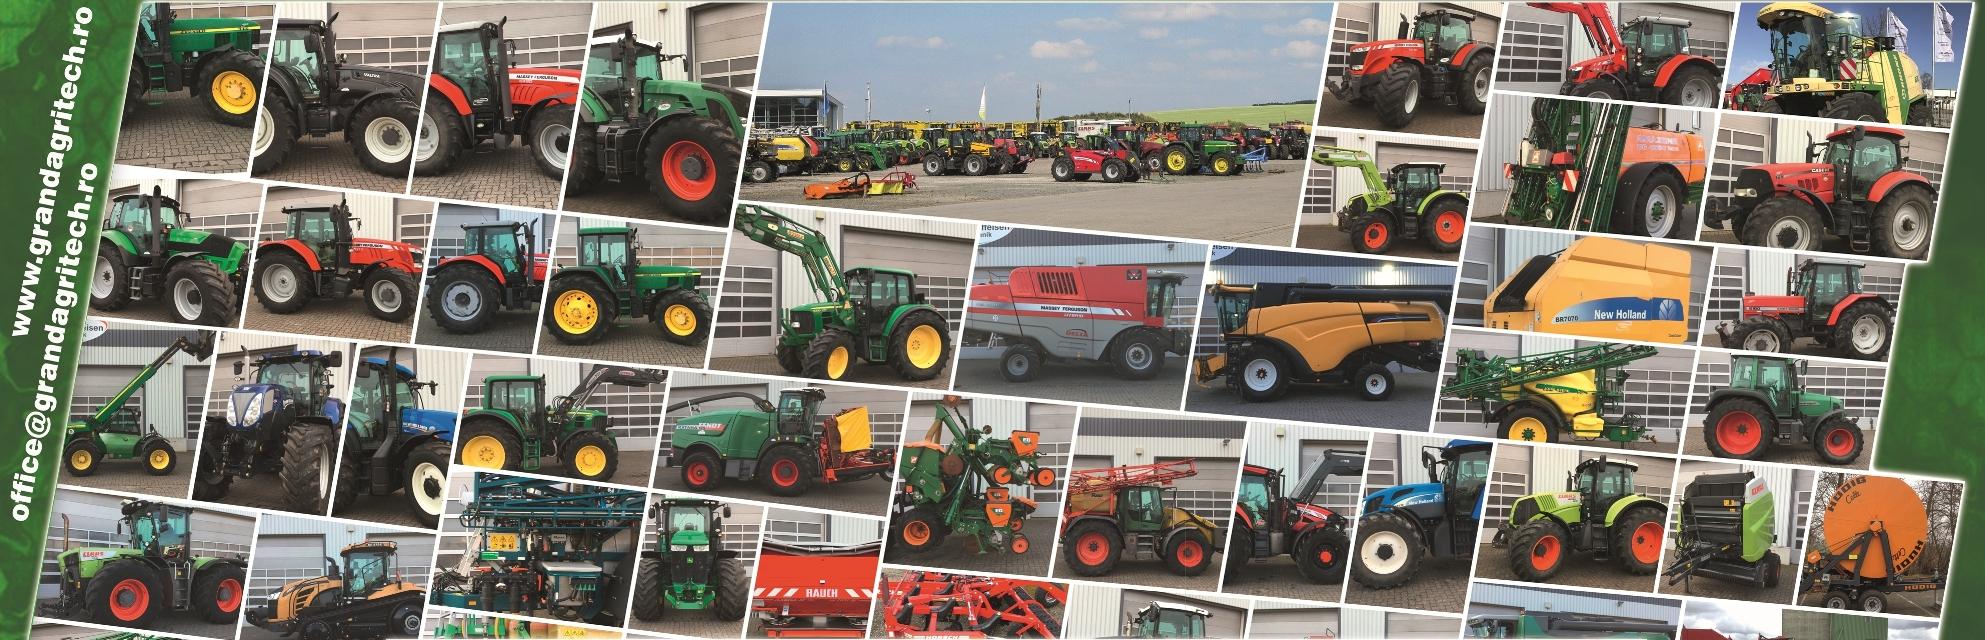 tractor,tractoare,combine,masini de erbicidat,masini de erbicidat auto propulsate,masini de erbicidat tractate,cultivatoare,grabe cu discuri,plug,pluguri,combinatoare,fendt,valtra,massey ferguson,massey,ferguson,john deere,new holland,case,claas,challenger,deutz-fahr,fiat,kubota,lmborghini,mc cormick,mccormick,steyr,agritech,grandagritech,utilaj,utilaje,agricol,agricole,utilaj agricol,utilaje agricole,vanzare,second,hand,second hand,tractoare second hand,utilaje agricole second,utilaje agricole second hand,tractoare second